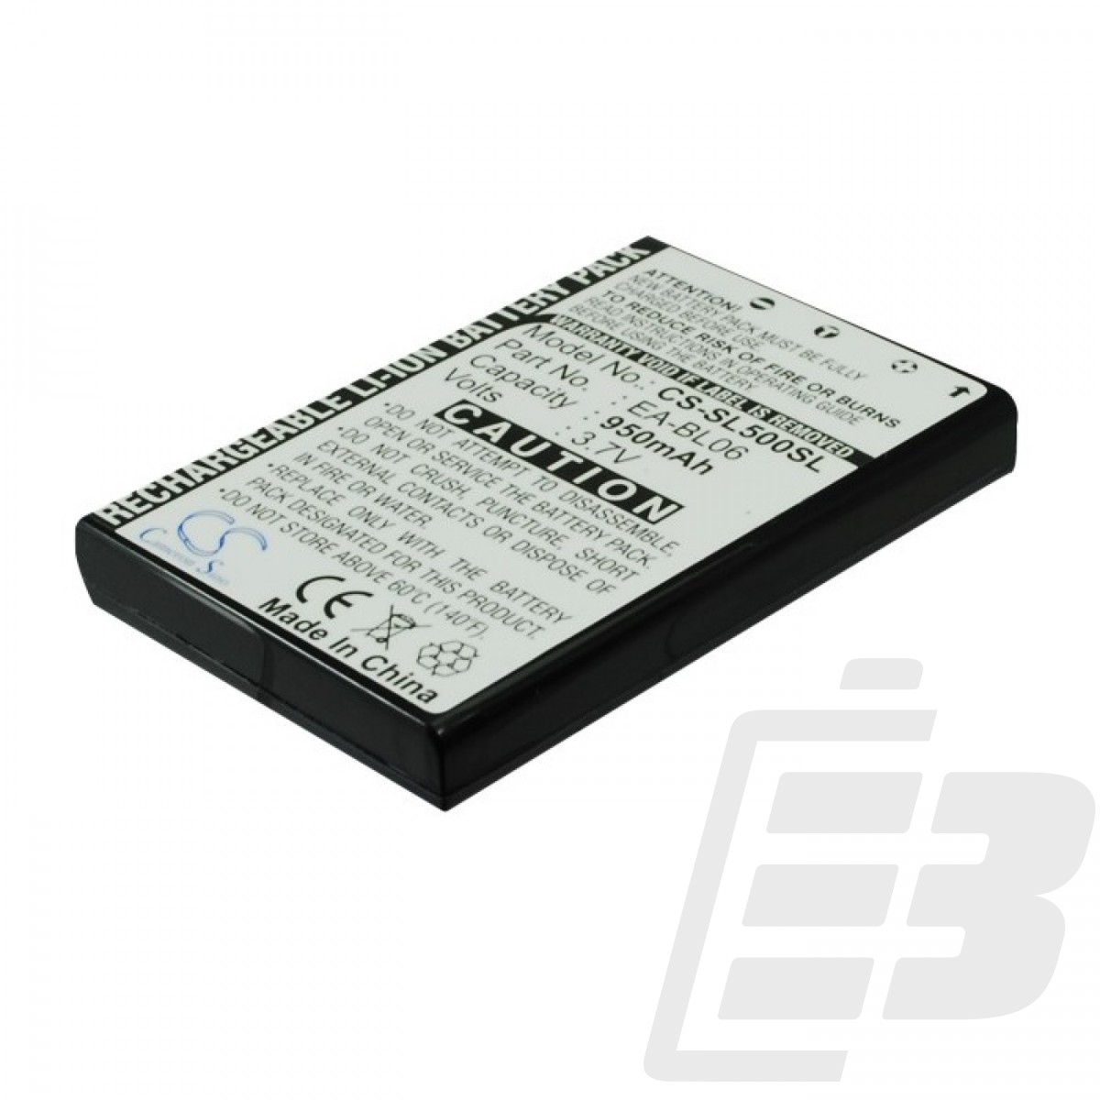 Μπαταρία PDA Sharp Zaurus SL-5000_1